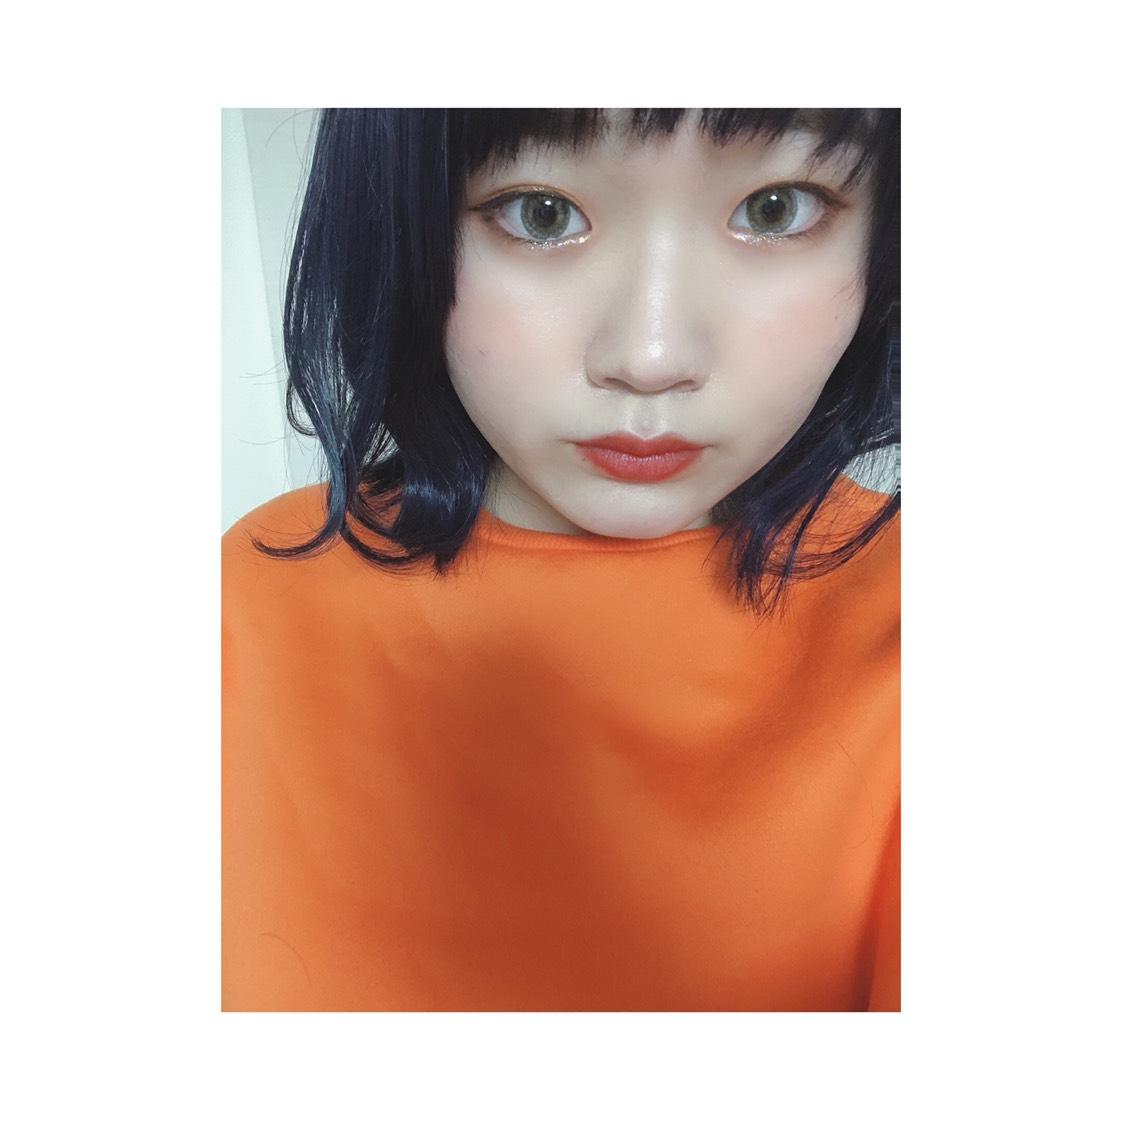 キラキラオレンジメイク